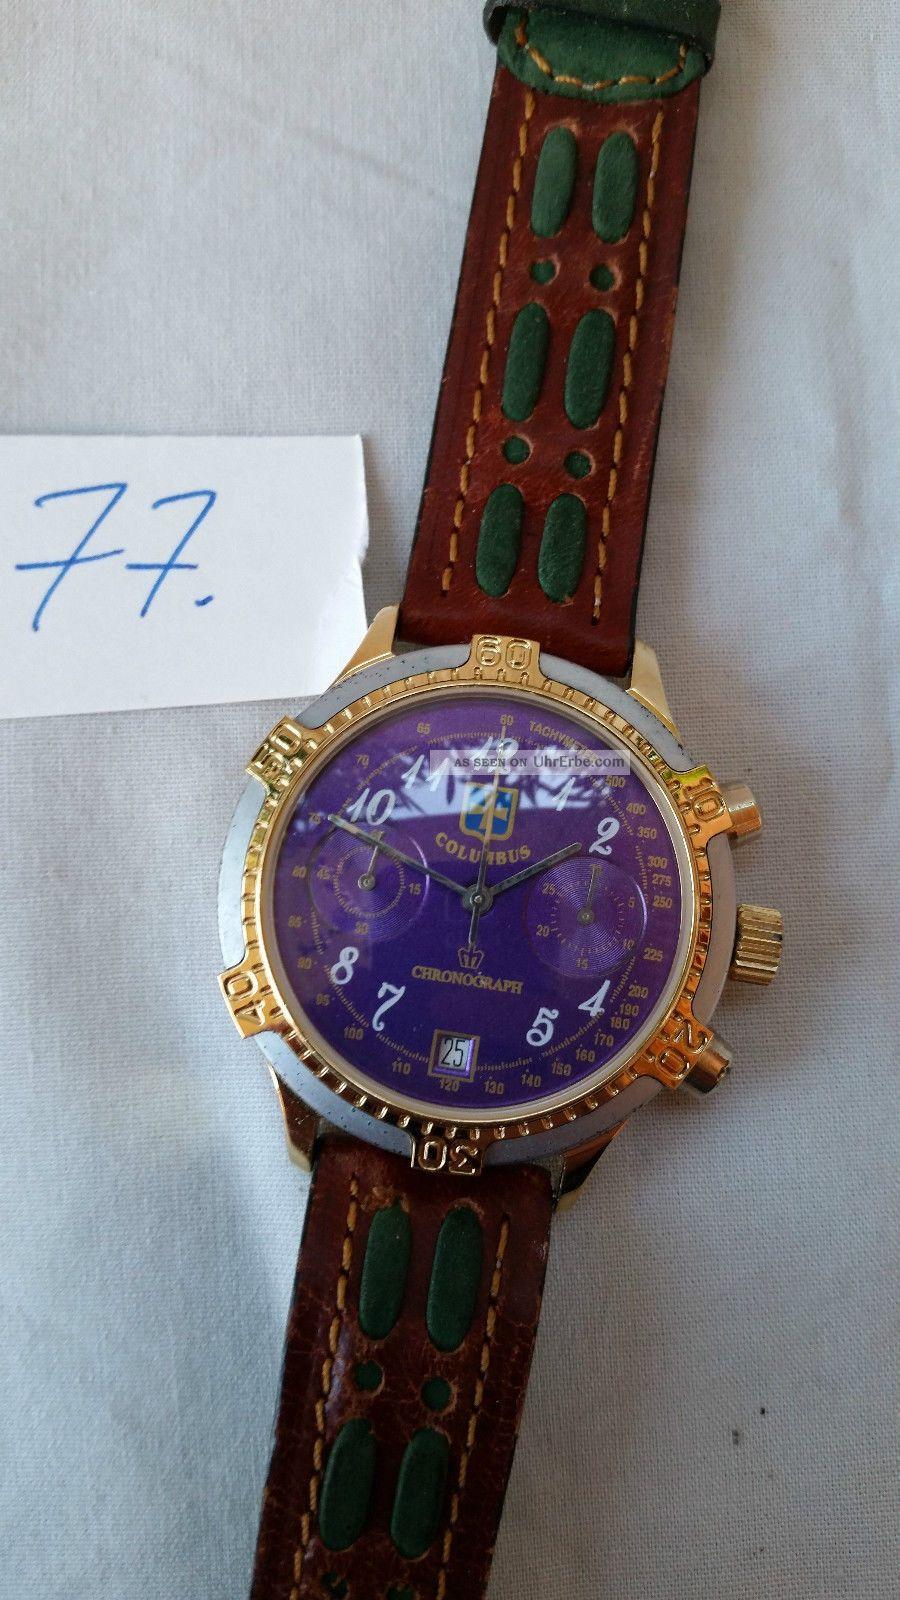 Poljot Russland Chronograph MilitÄr Handaufzug Cal.  3133 (77) Armbanduhren Bild